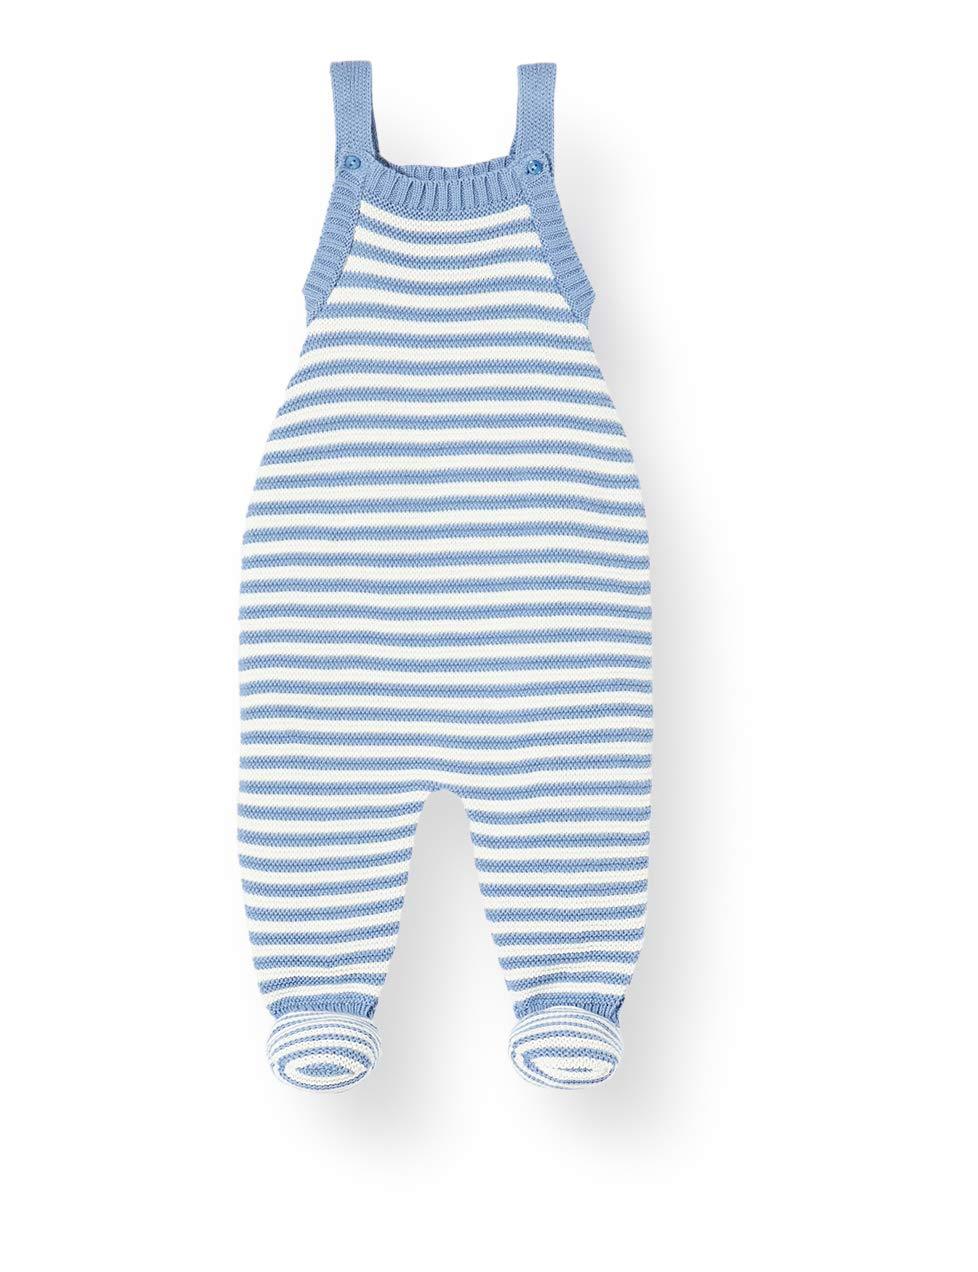 Charanga larayeol Petos para Bebés 1